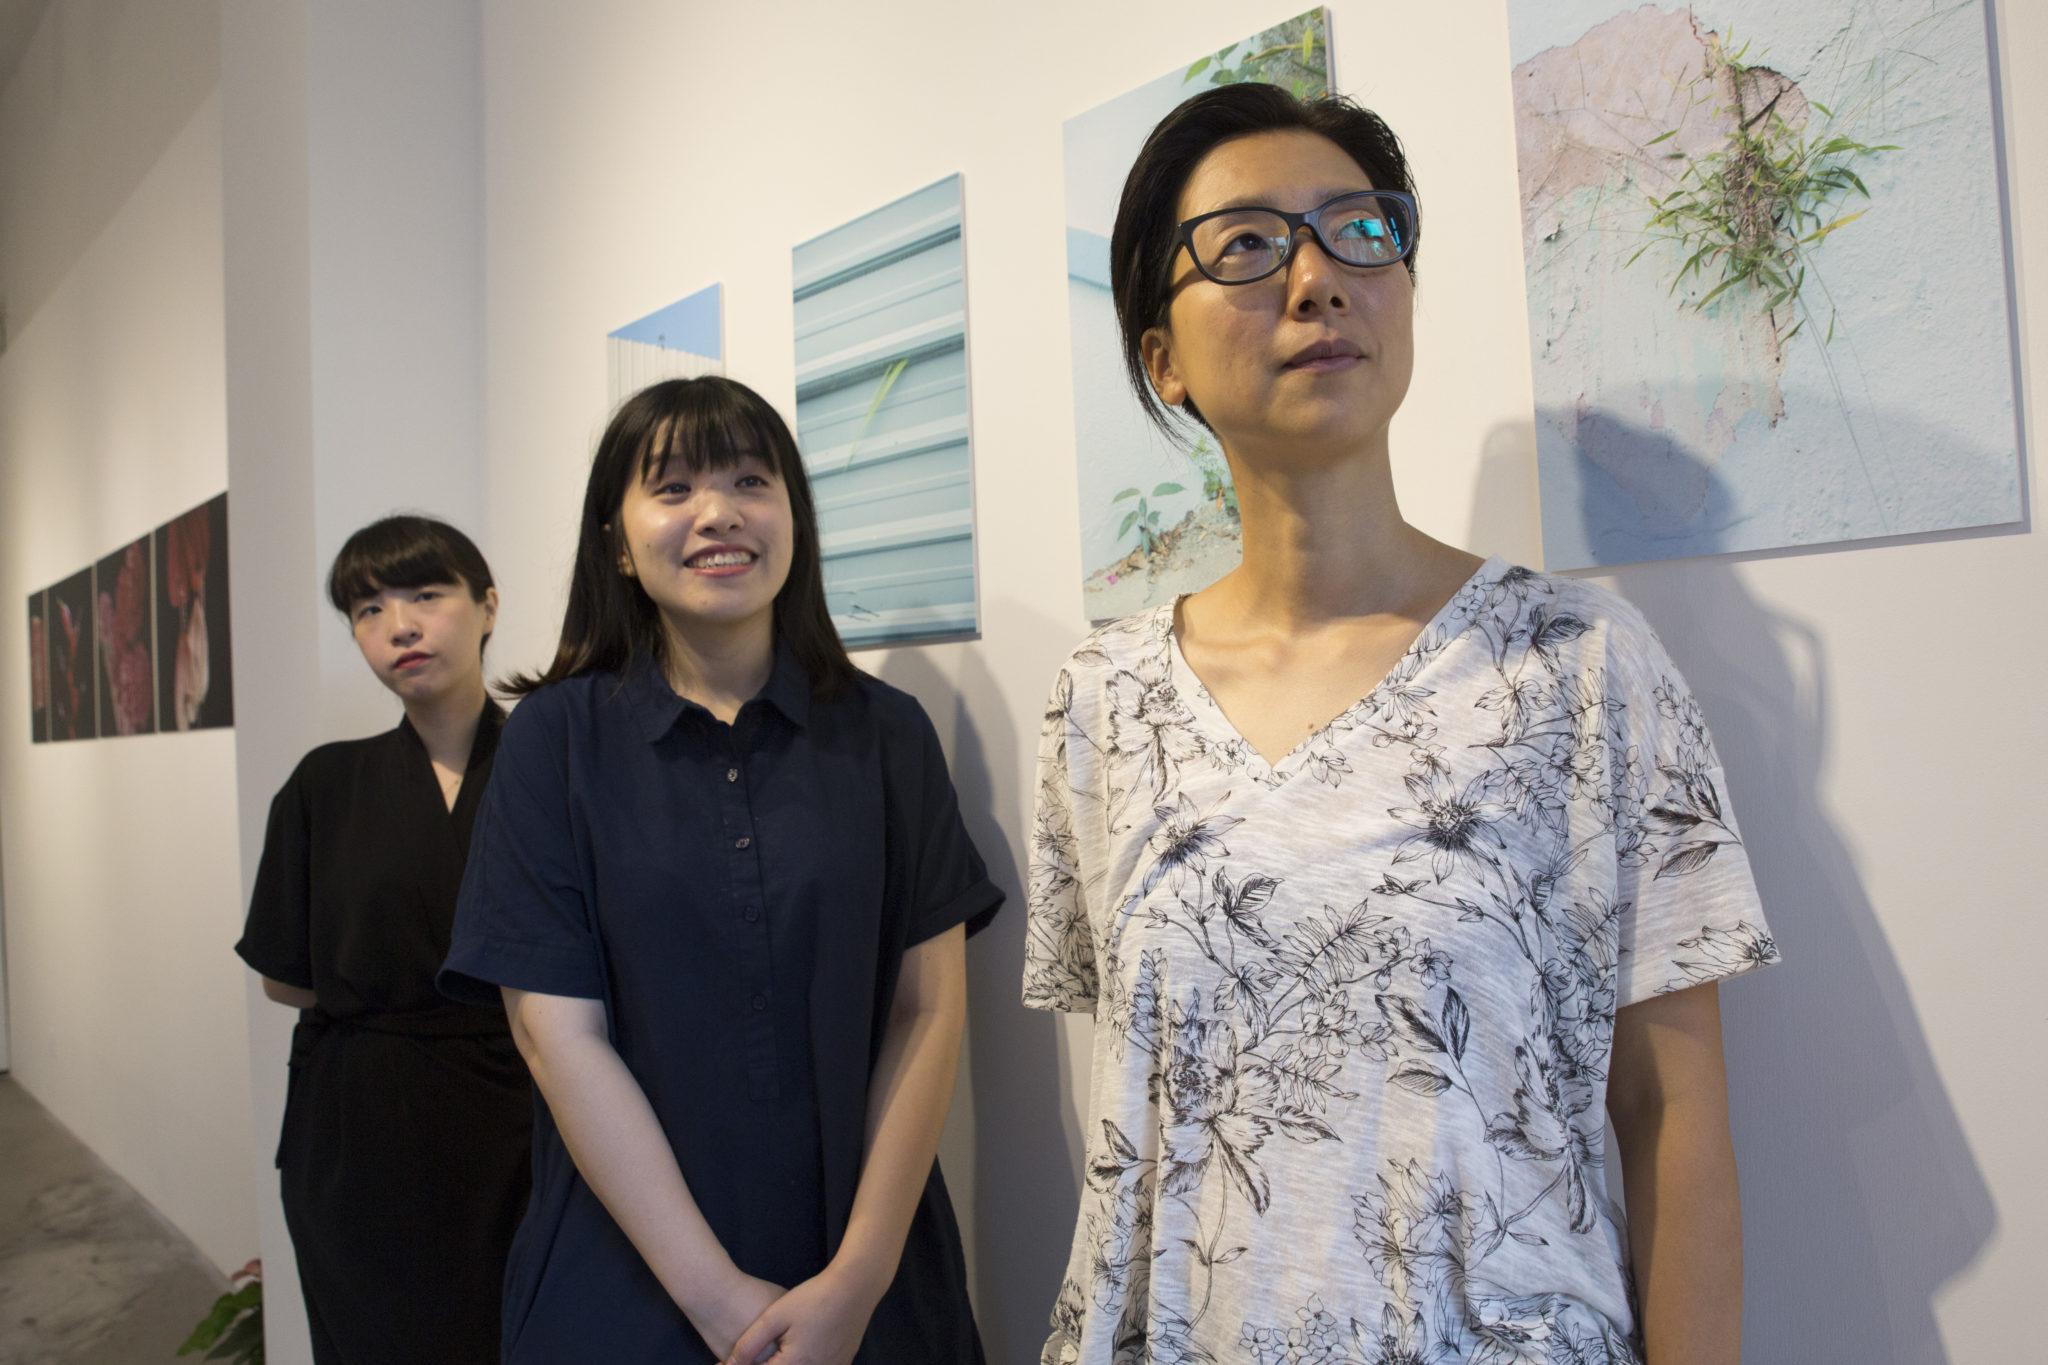 Exposição | Fotografia no feminino na Galeria At Light até 21 de Agosto